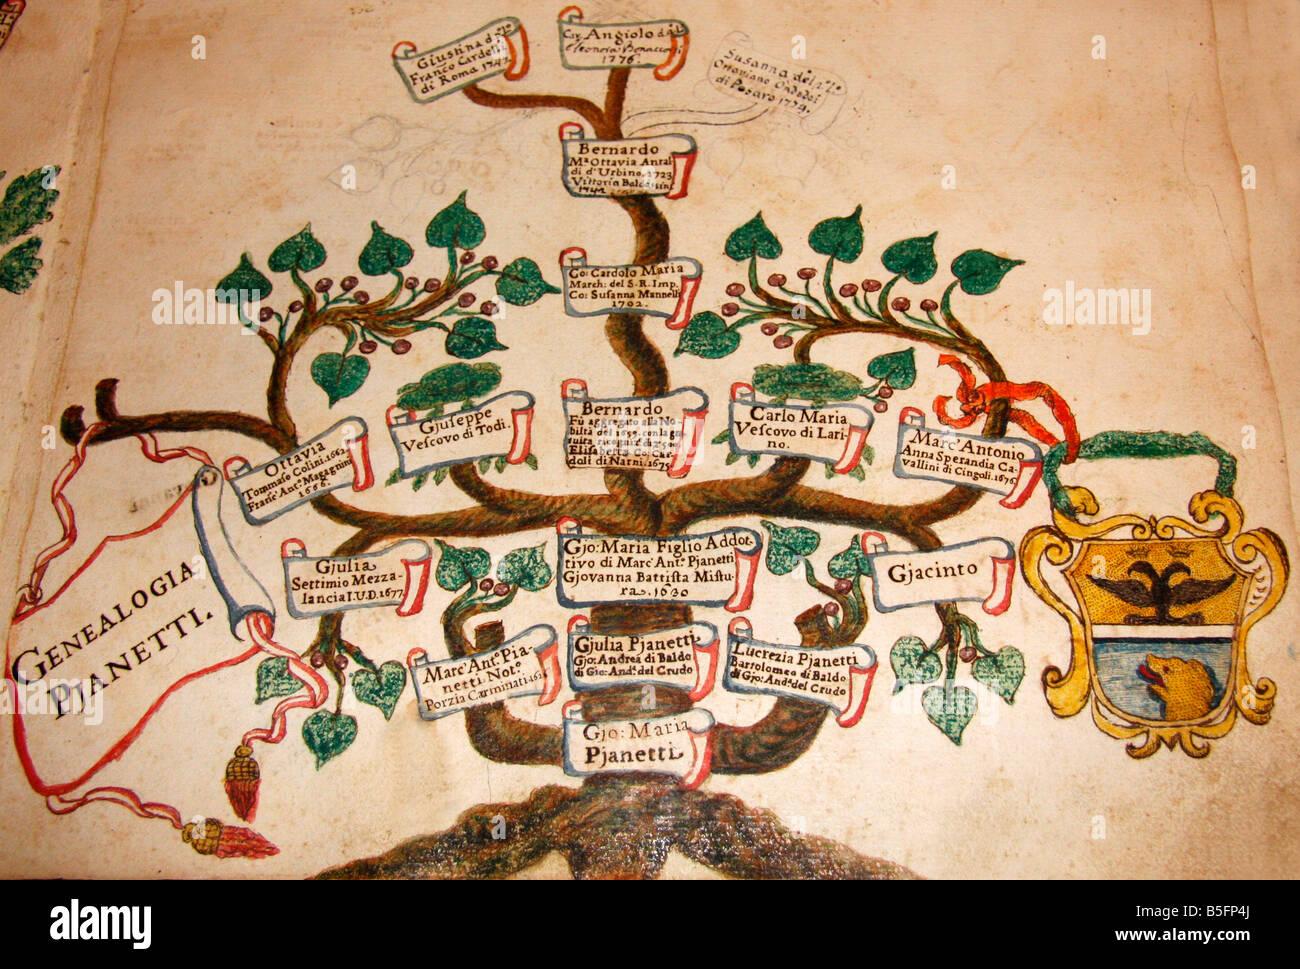 Dans la célèbre bibliothèque historique,Le Marches Jesi en Italie,,l'arbre généalogique Photo Stock